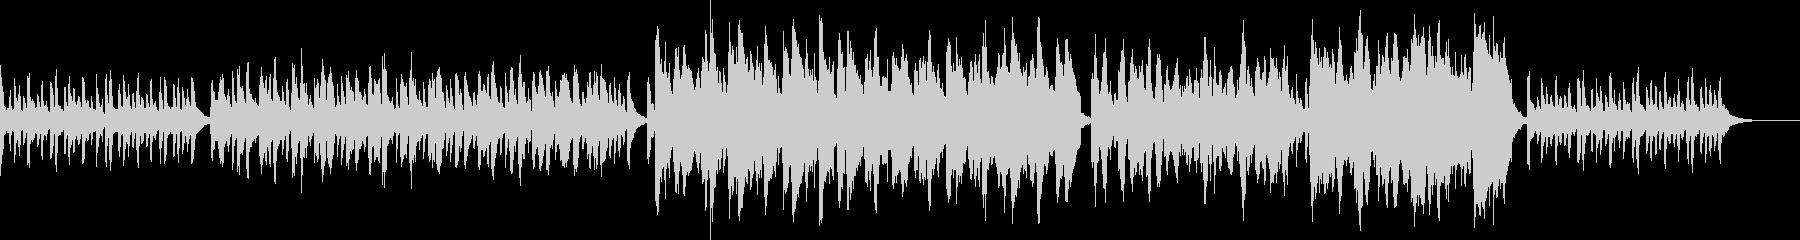 グリーンスリーブス おもしろジャズarrの未再生の波形